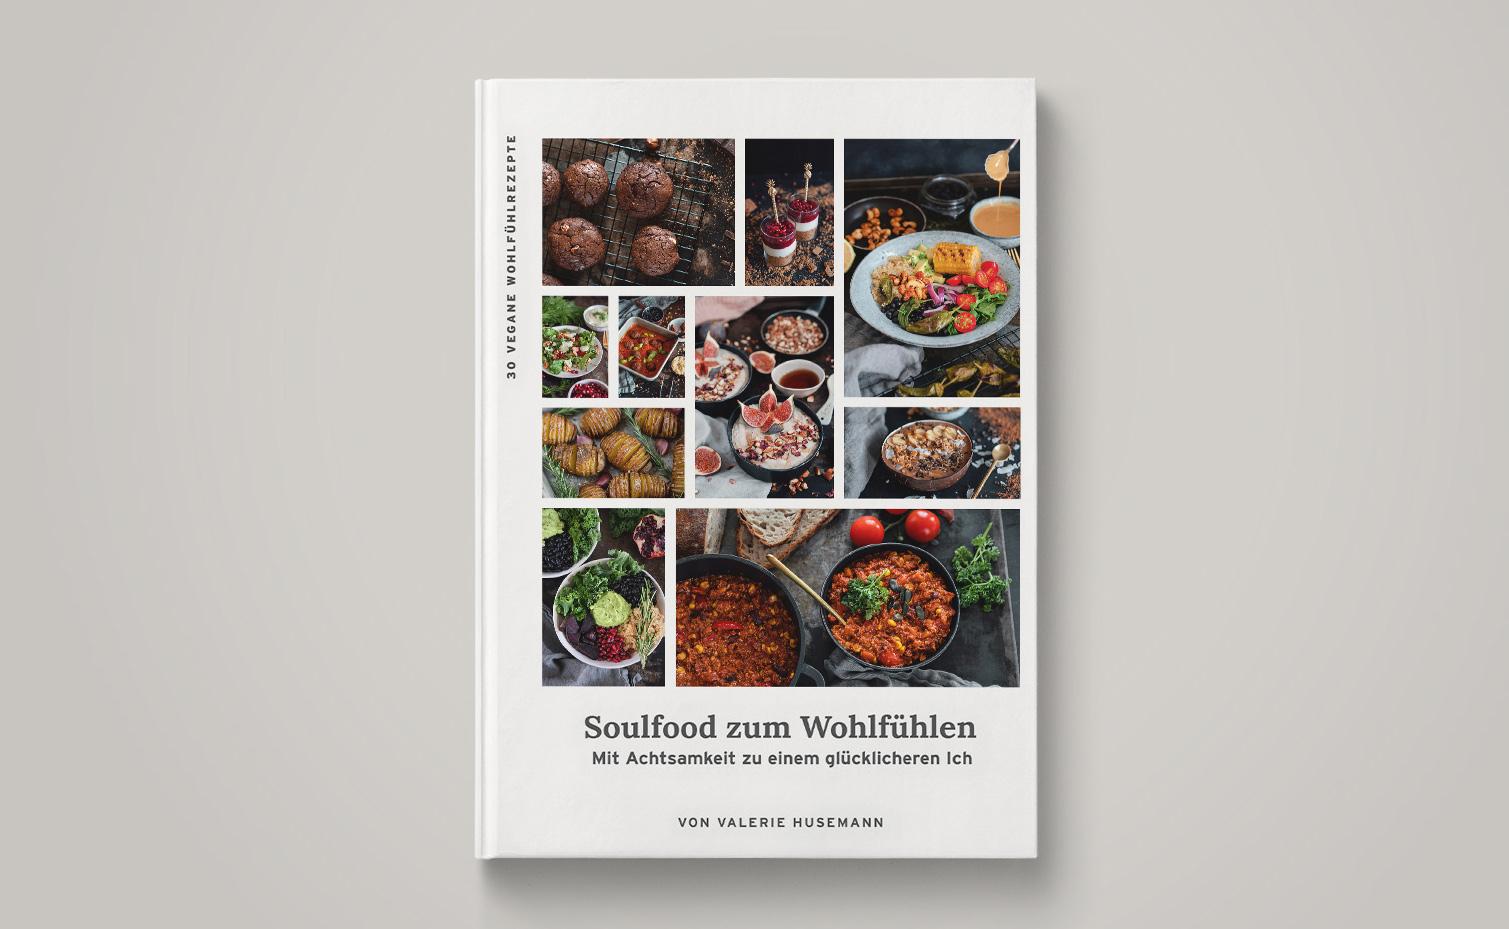 Soulfood zum Wohlfühlen - vegane Rezepte für Herbst und Winter Cover